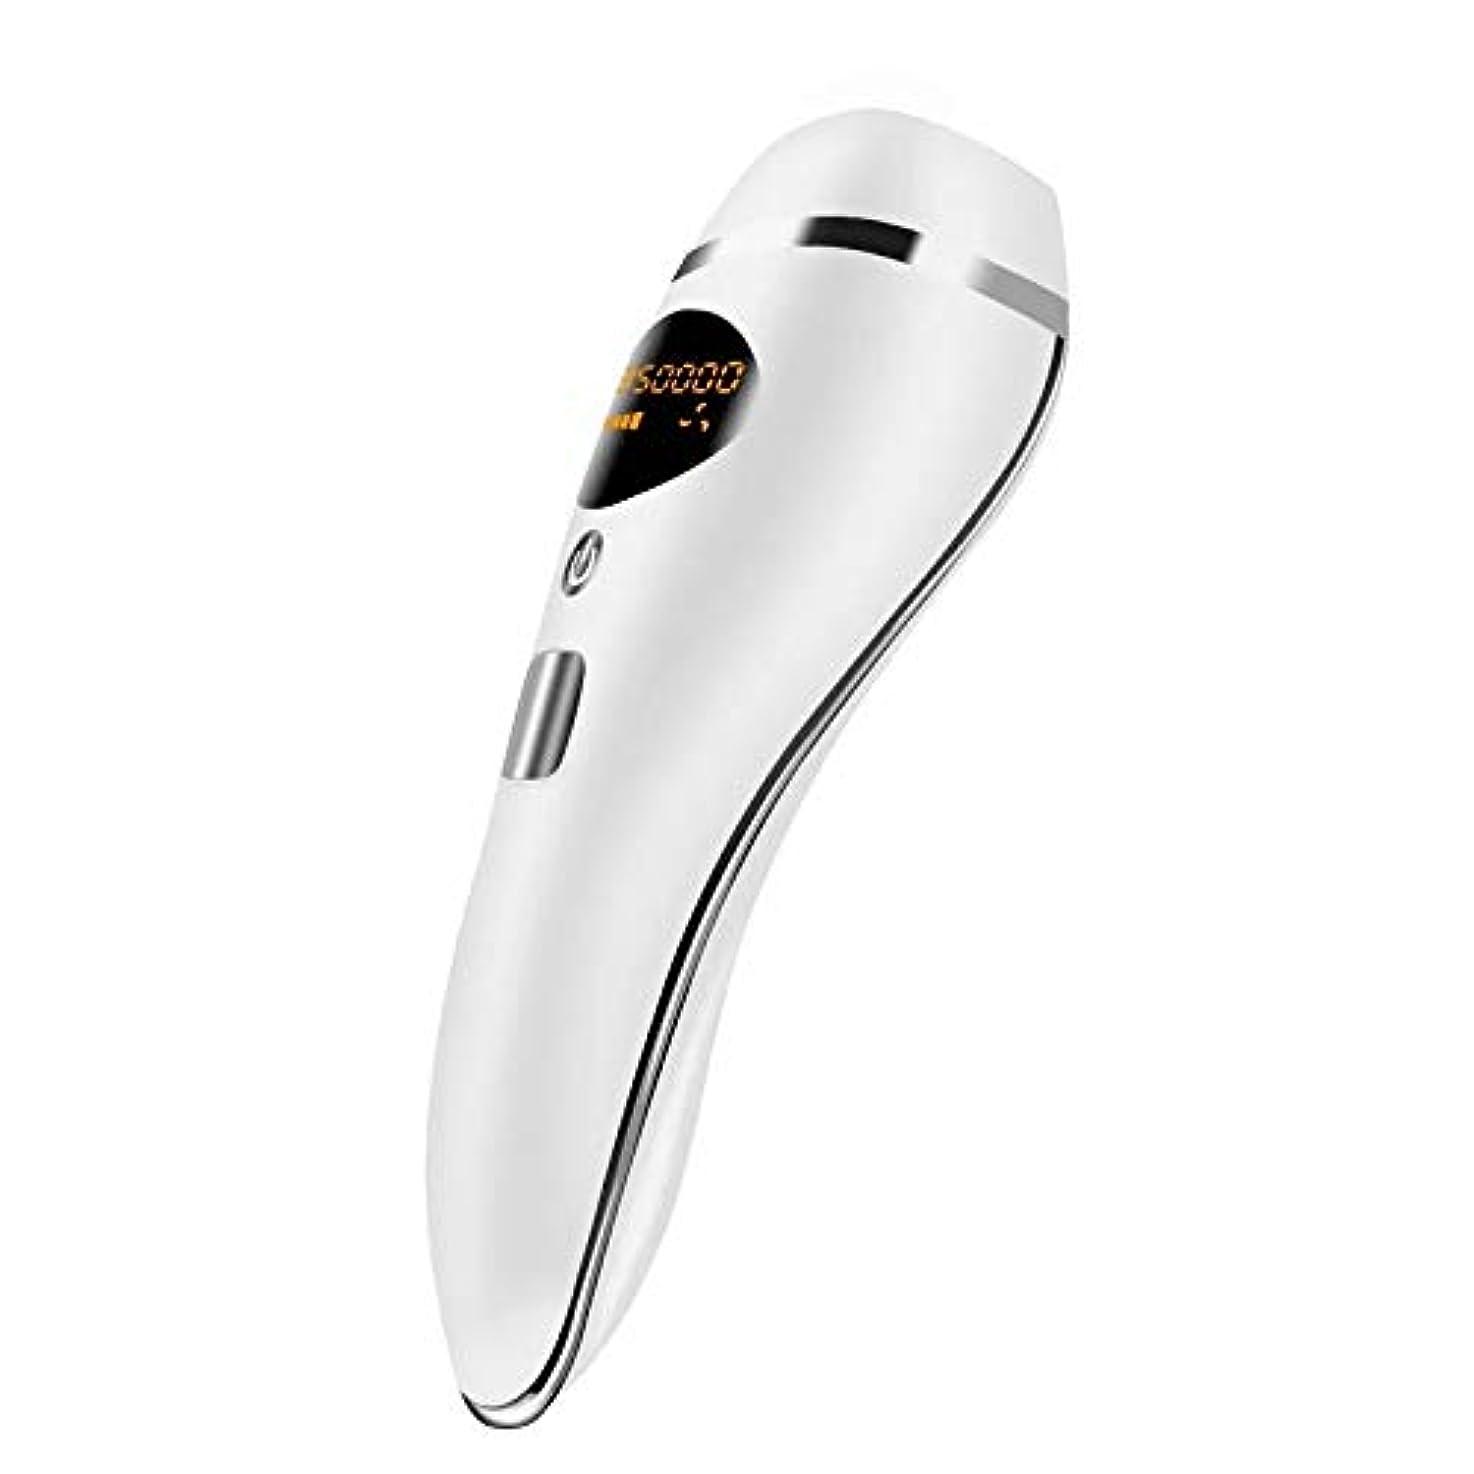 リビジョン証拠犯人レーザー脱毛美容機器無痛永久IPL凍結ポイントデバイス、全身フェイシャルユニセックス機器に適して,White